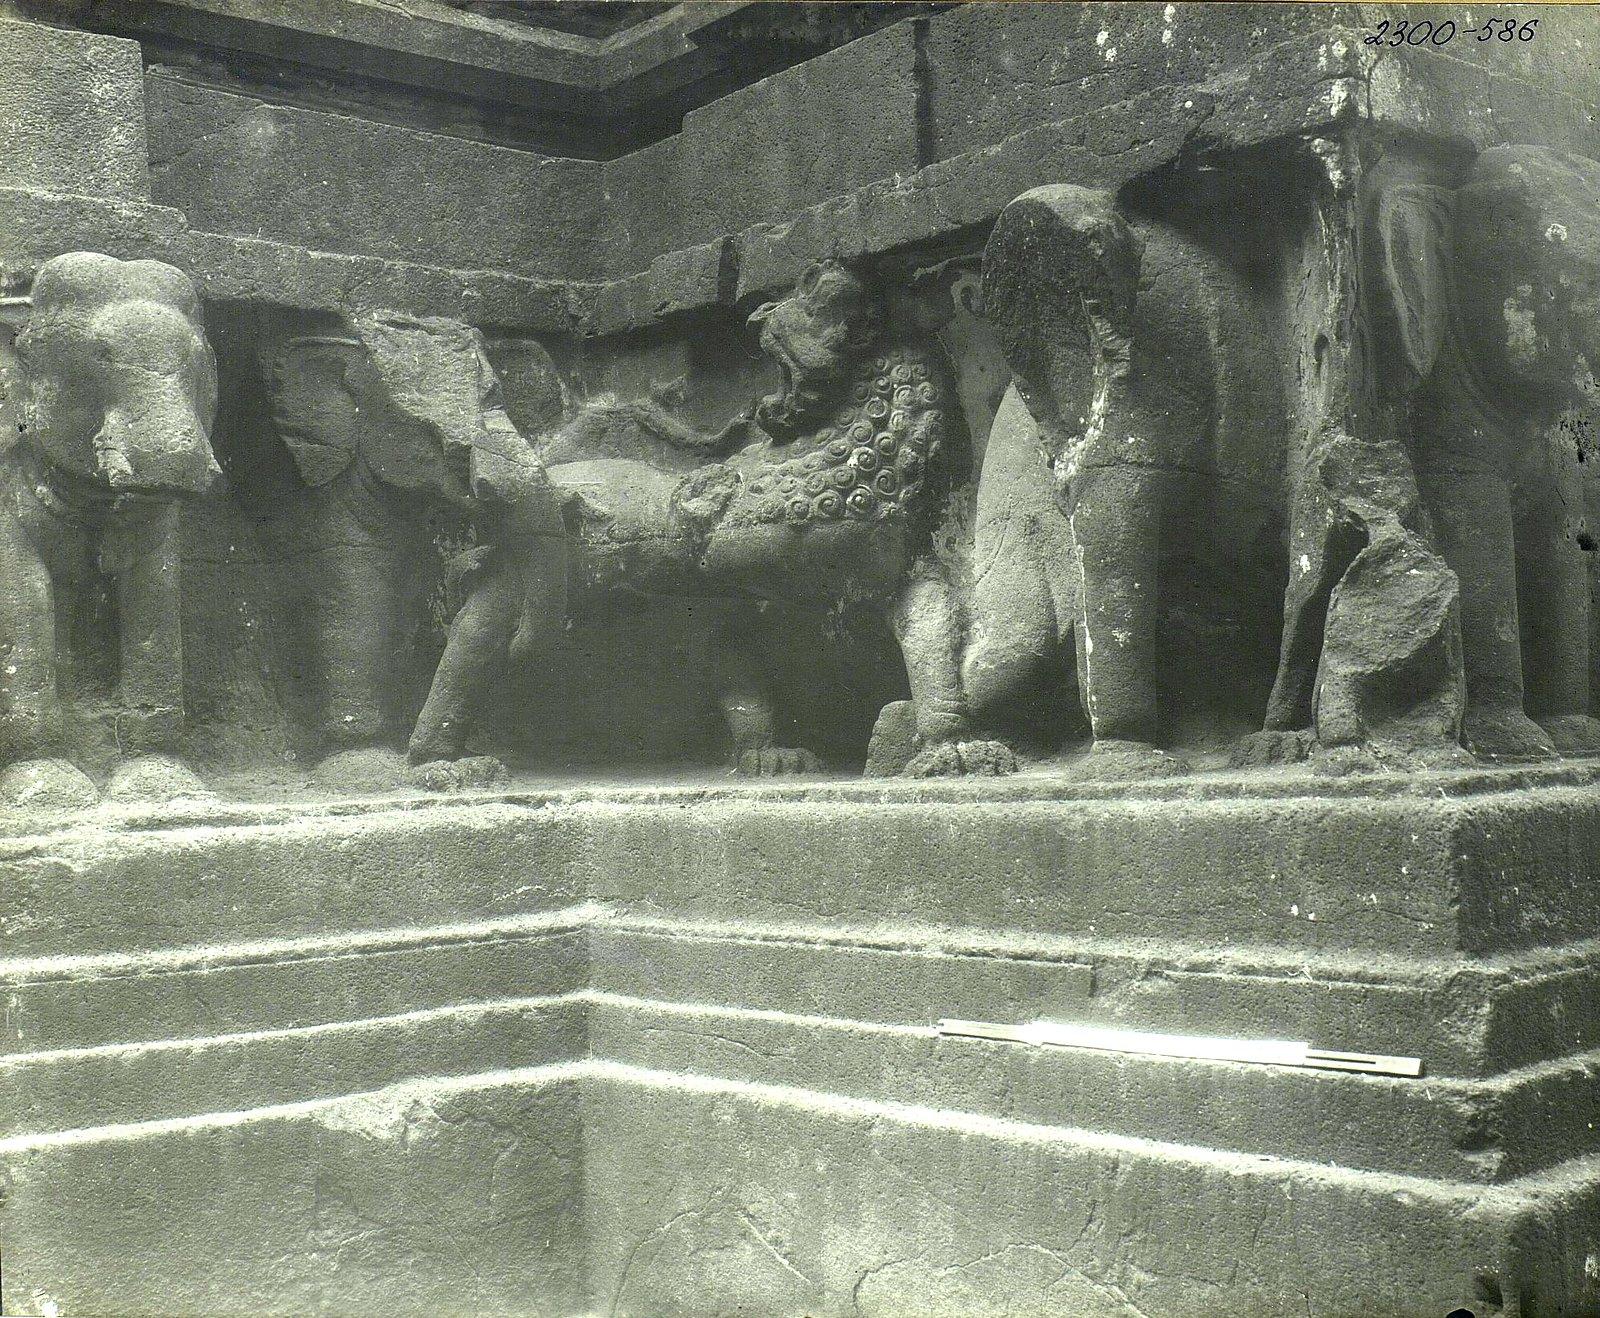 Храм Кайласа в Эллоре (деталь рельефа со слонами и львами) (15)